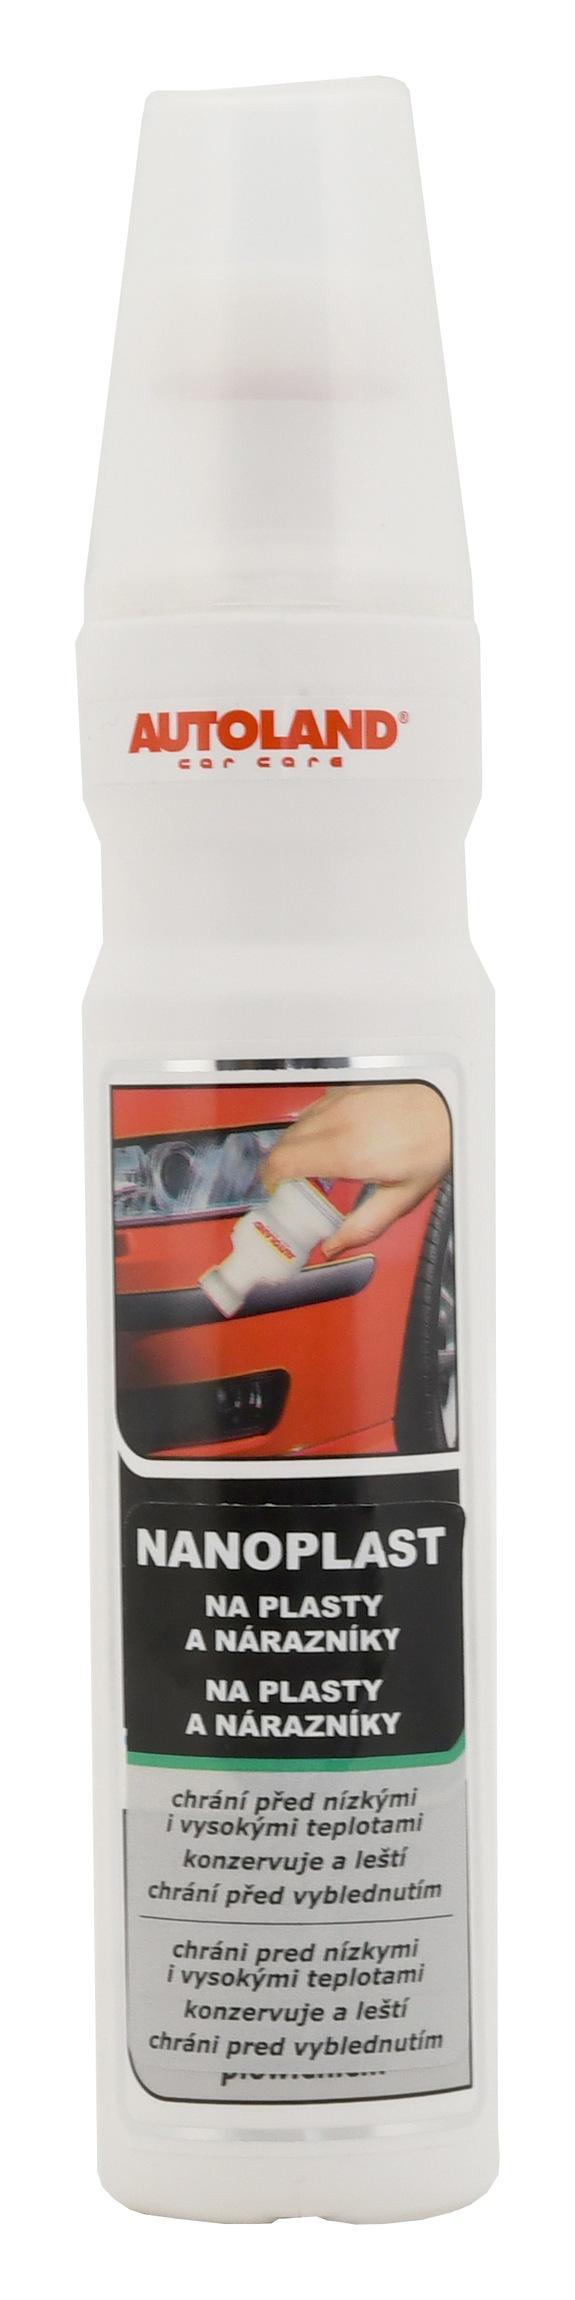 NANOPLAST na vnější plasty aplikátor 170ml